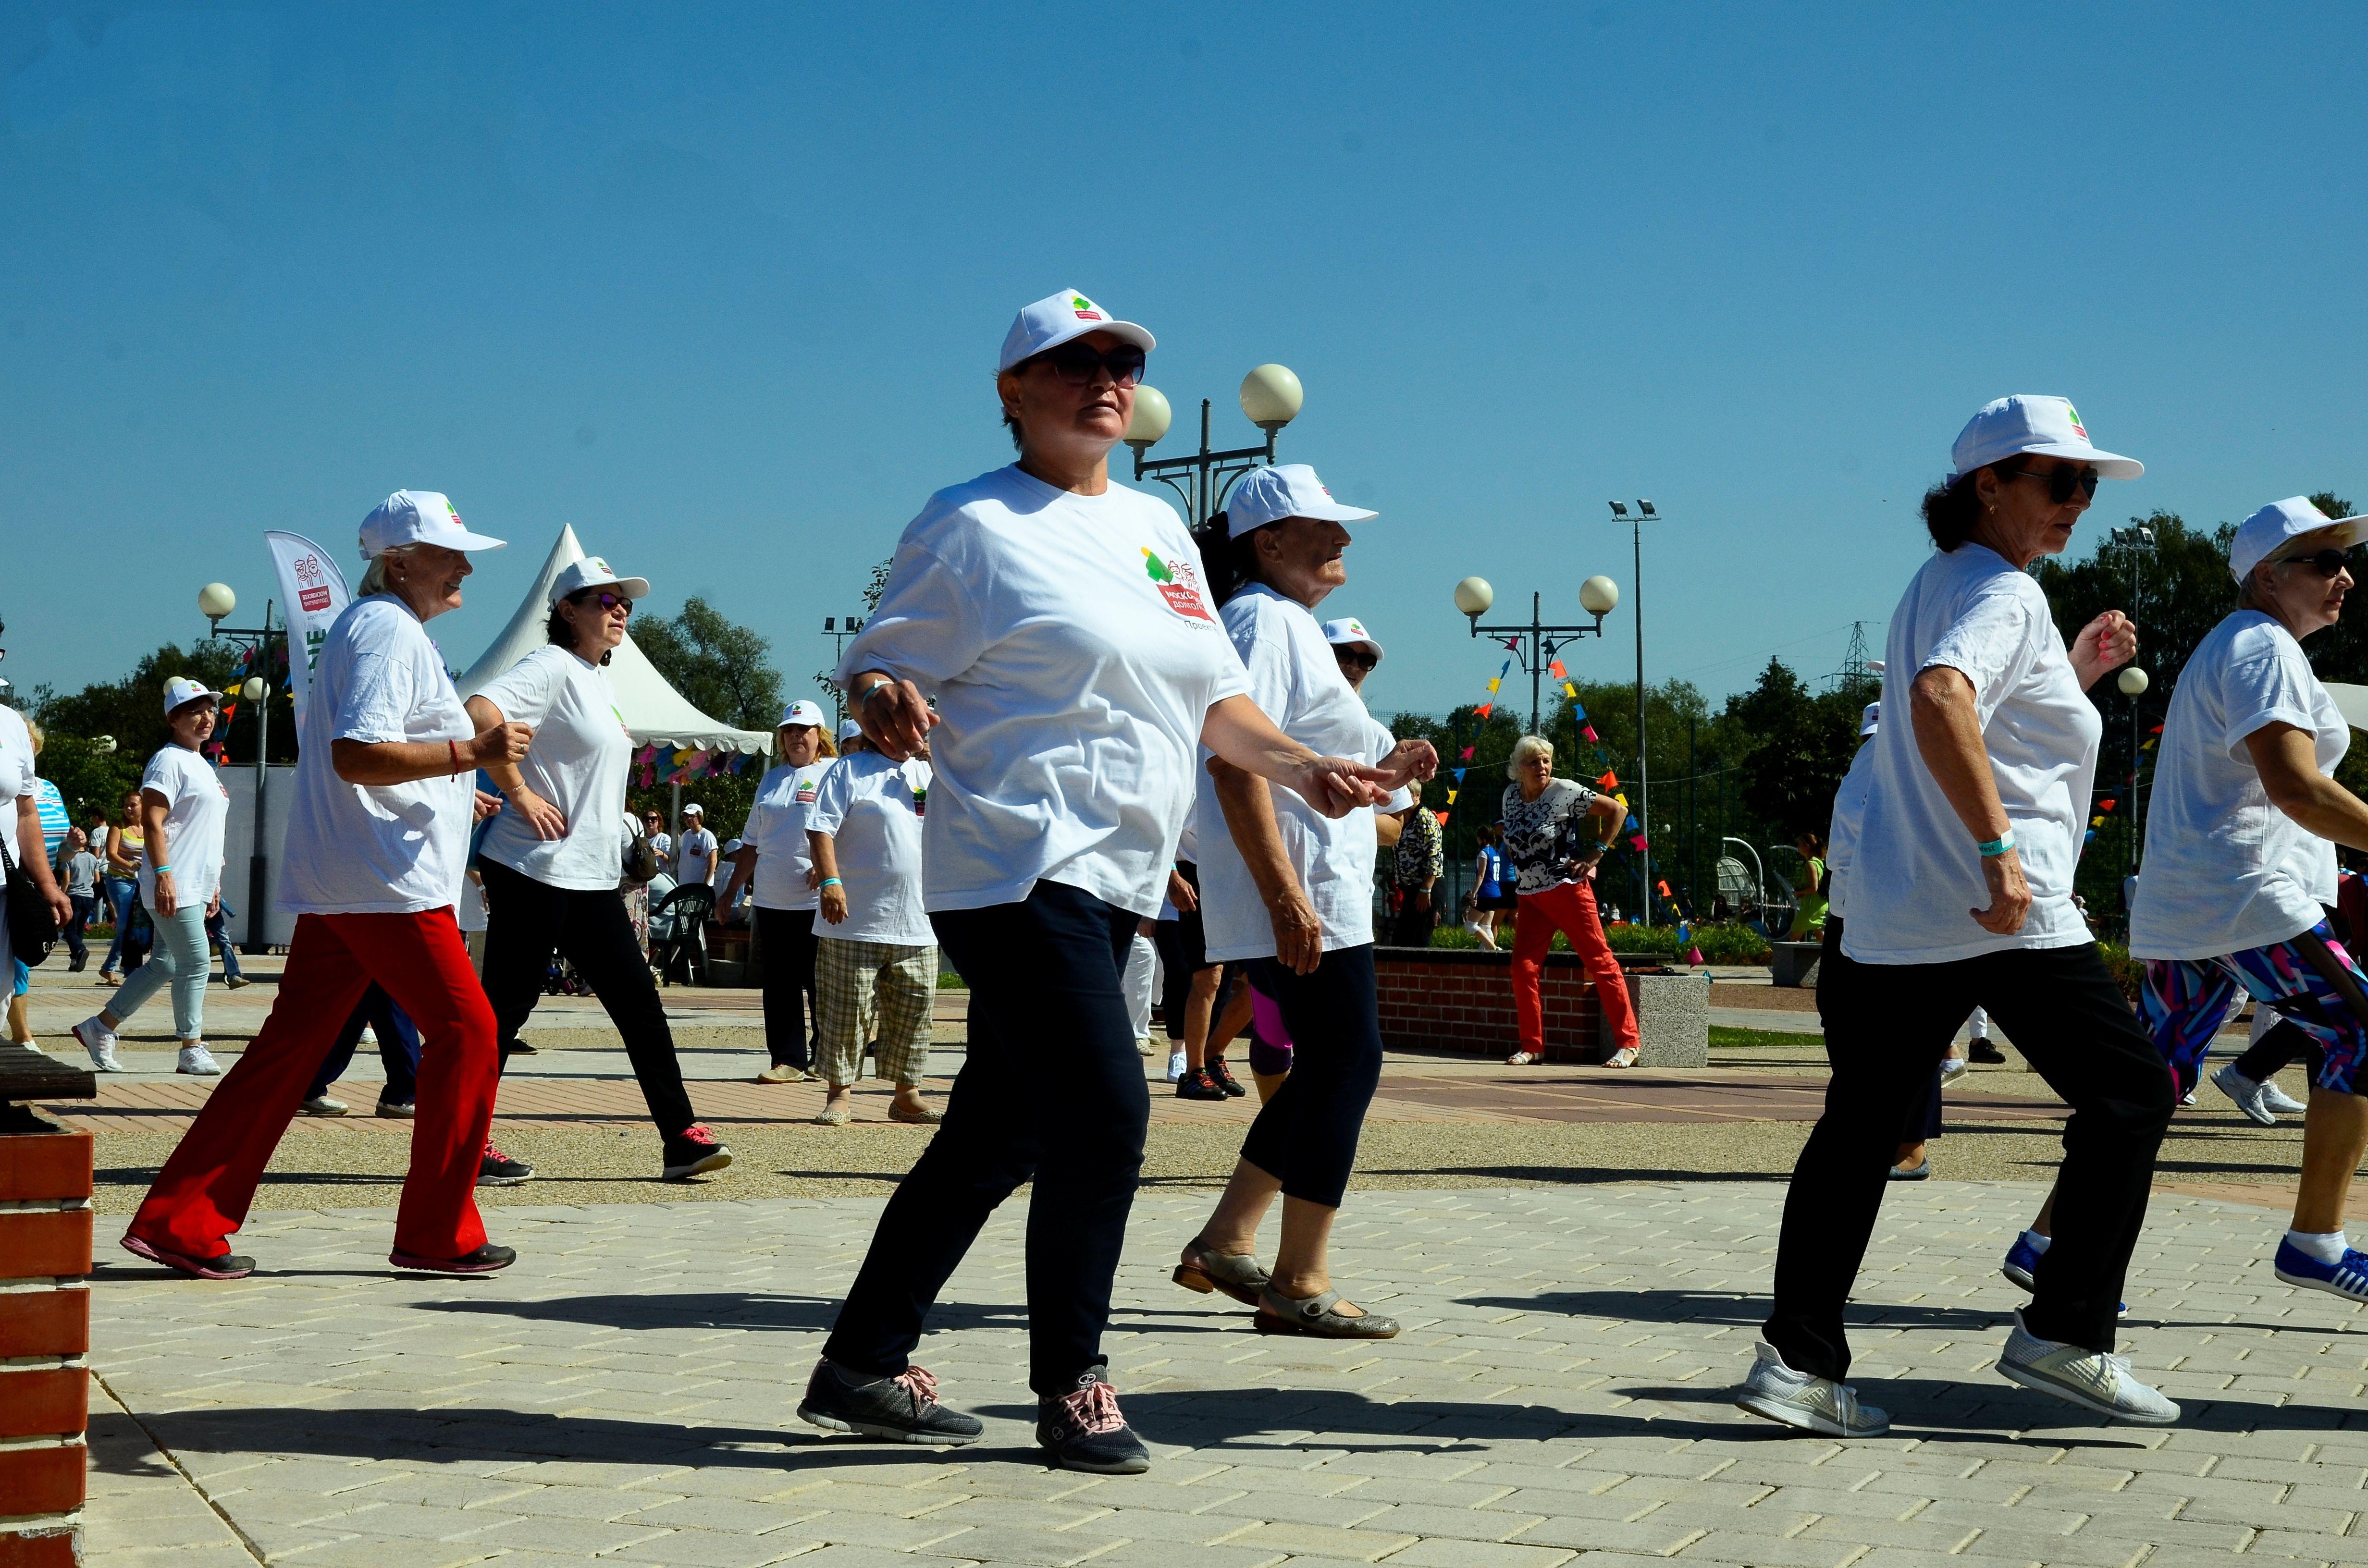 Жители Мосрентгена поучаствуют в соревнованиях по комбинированной эстафете